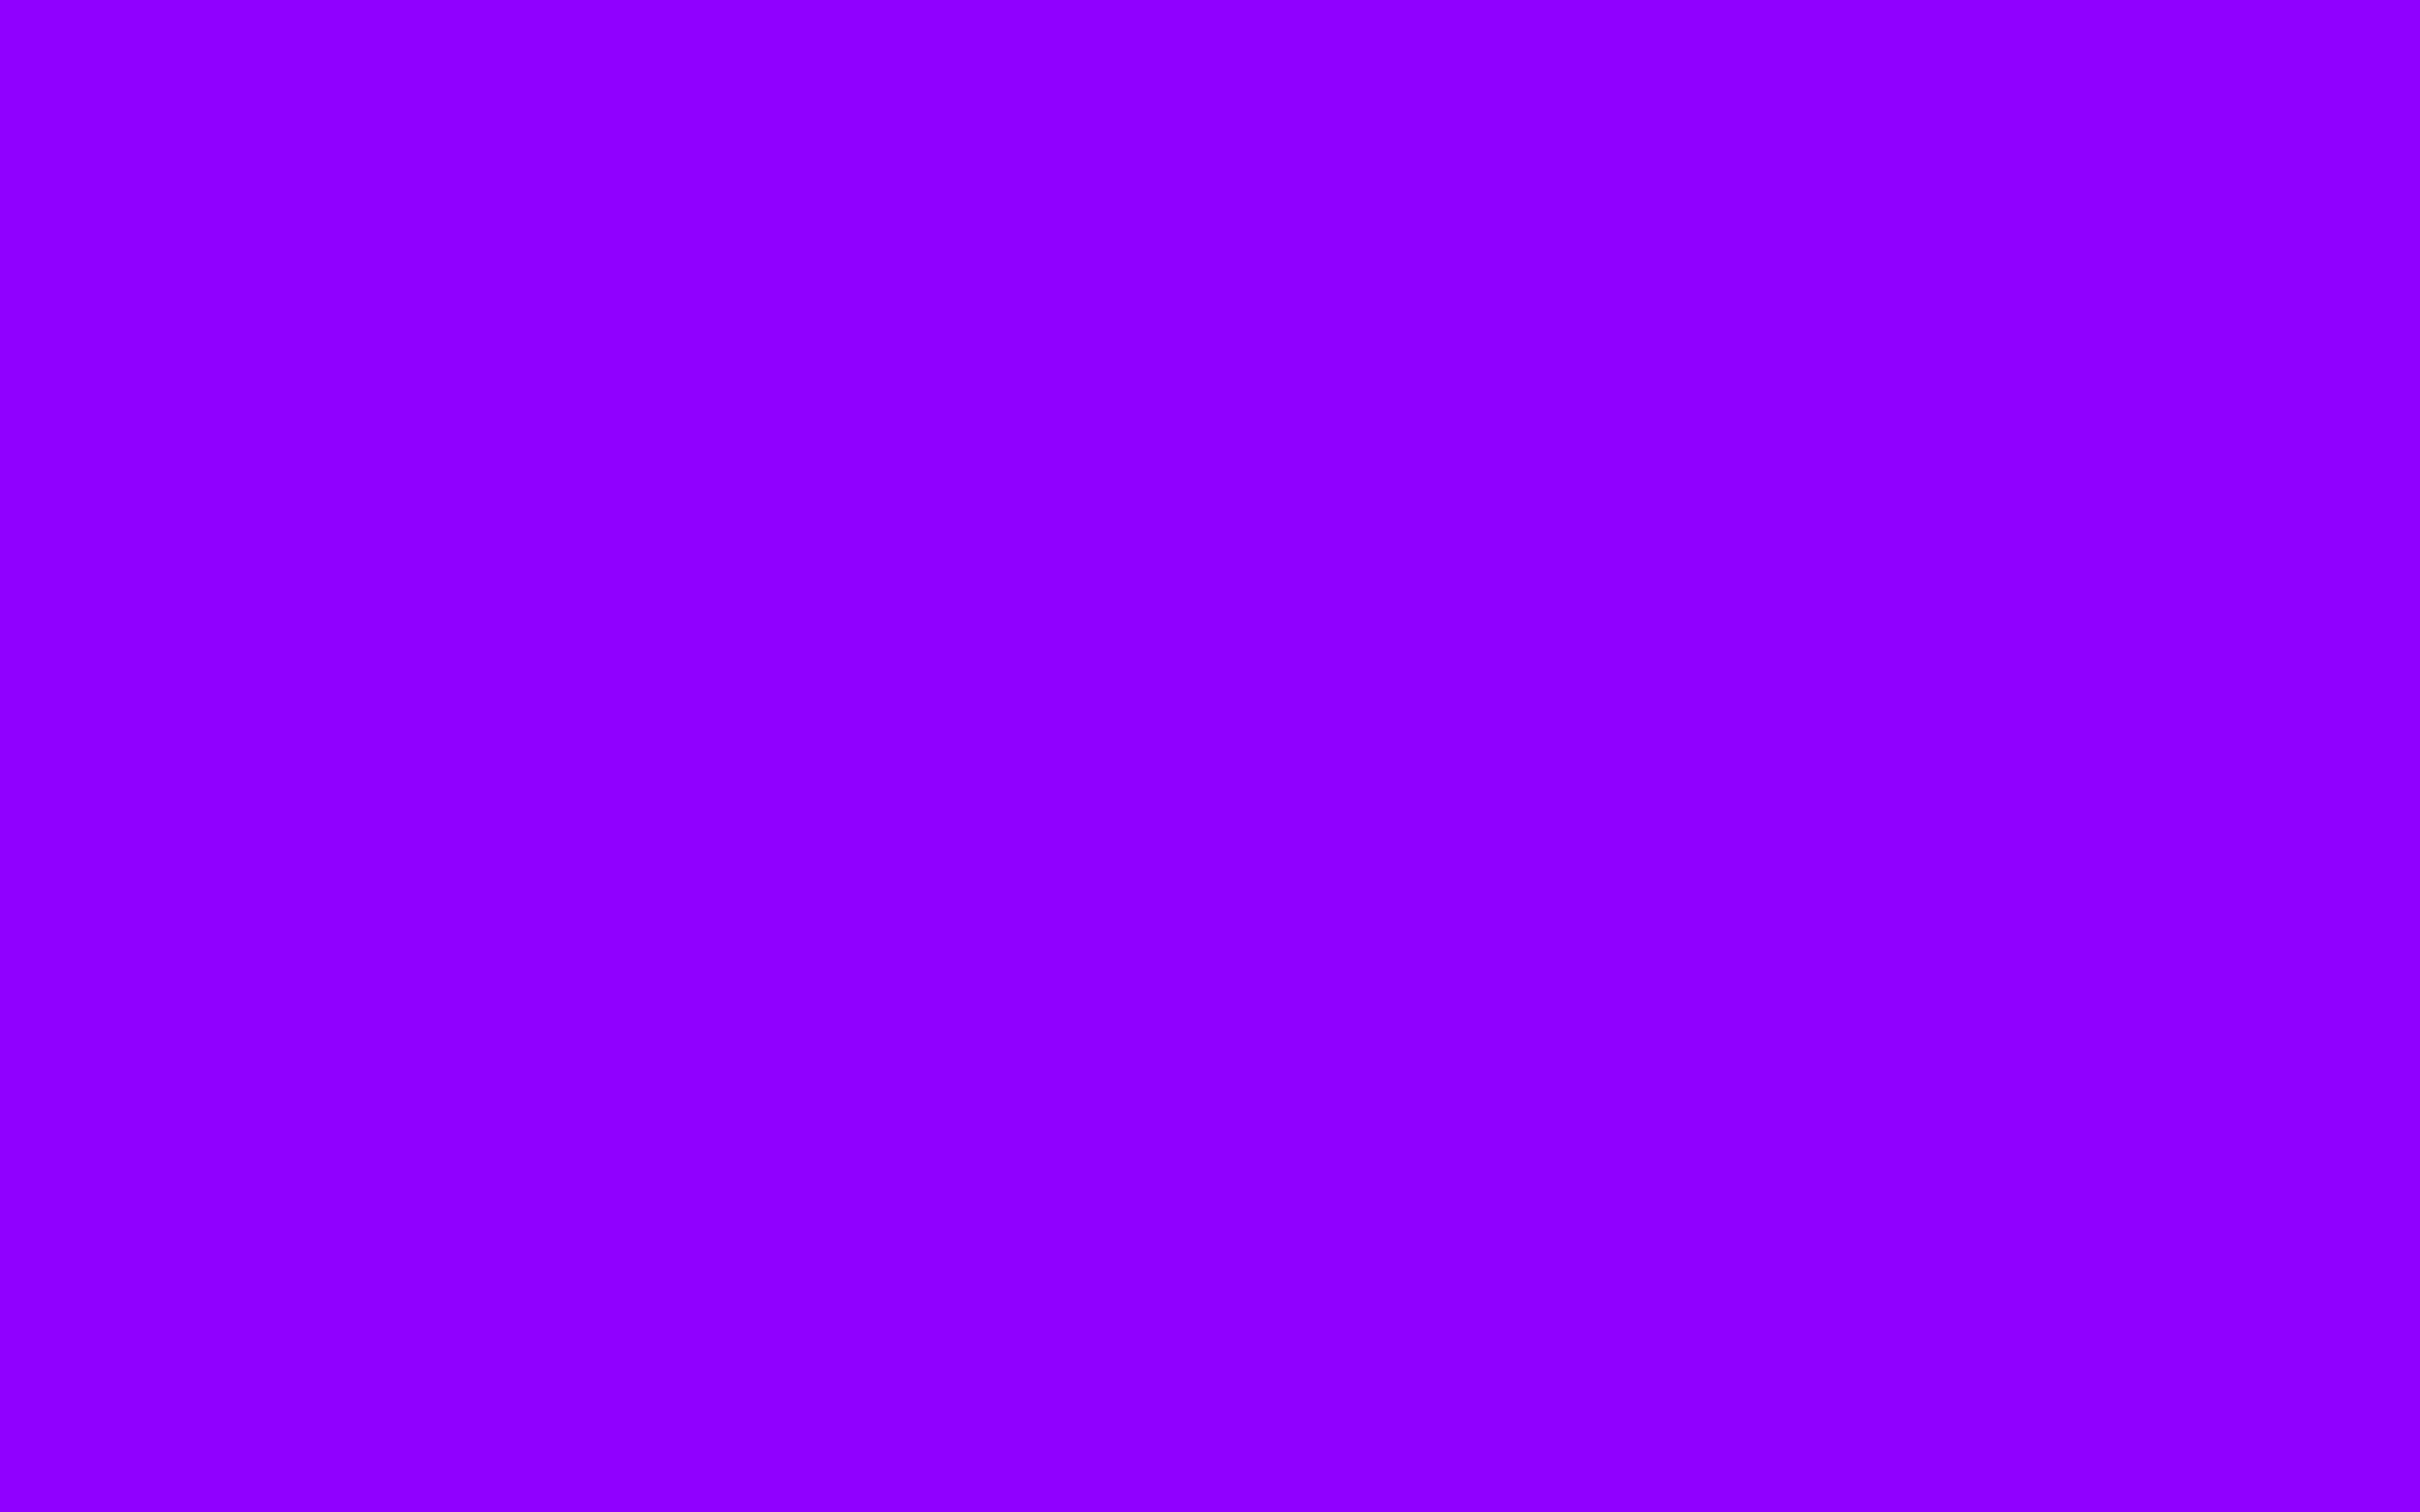 2560x1600 Violet Solid Color Background